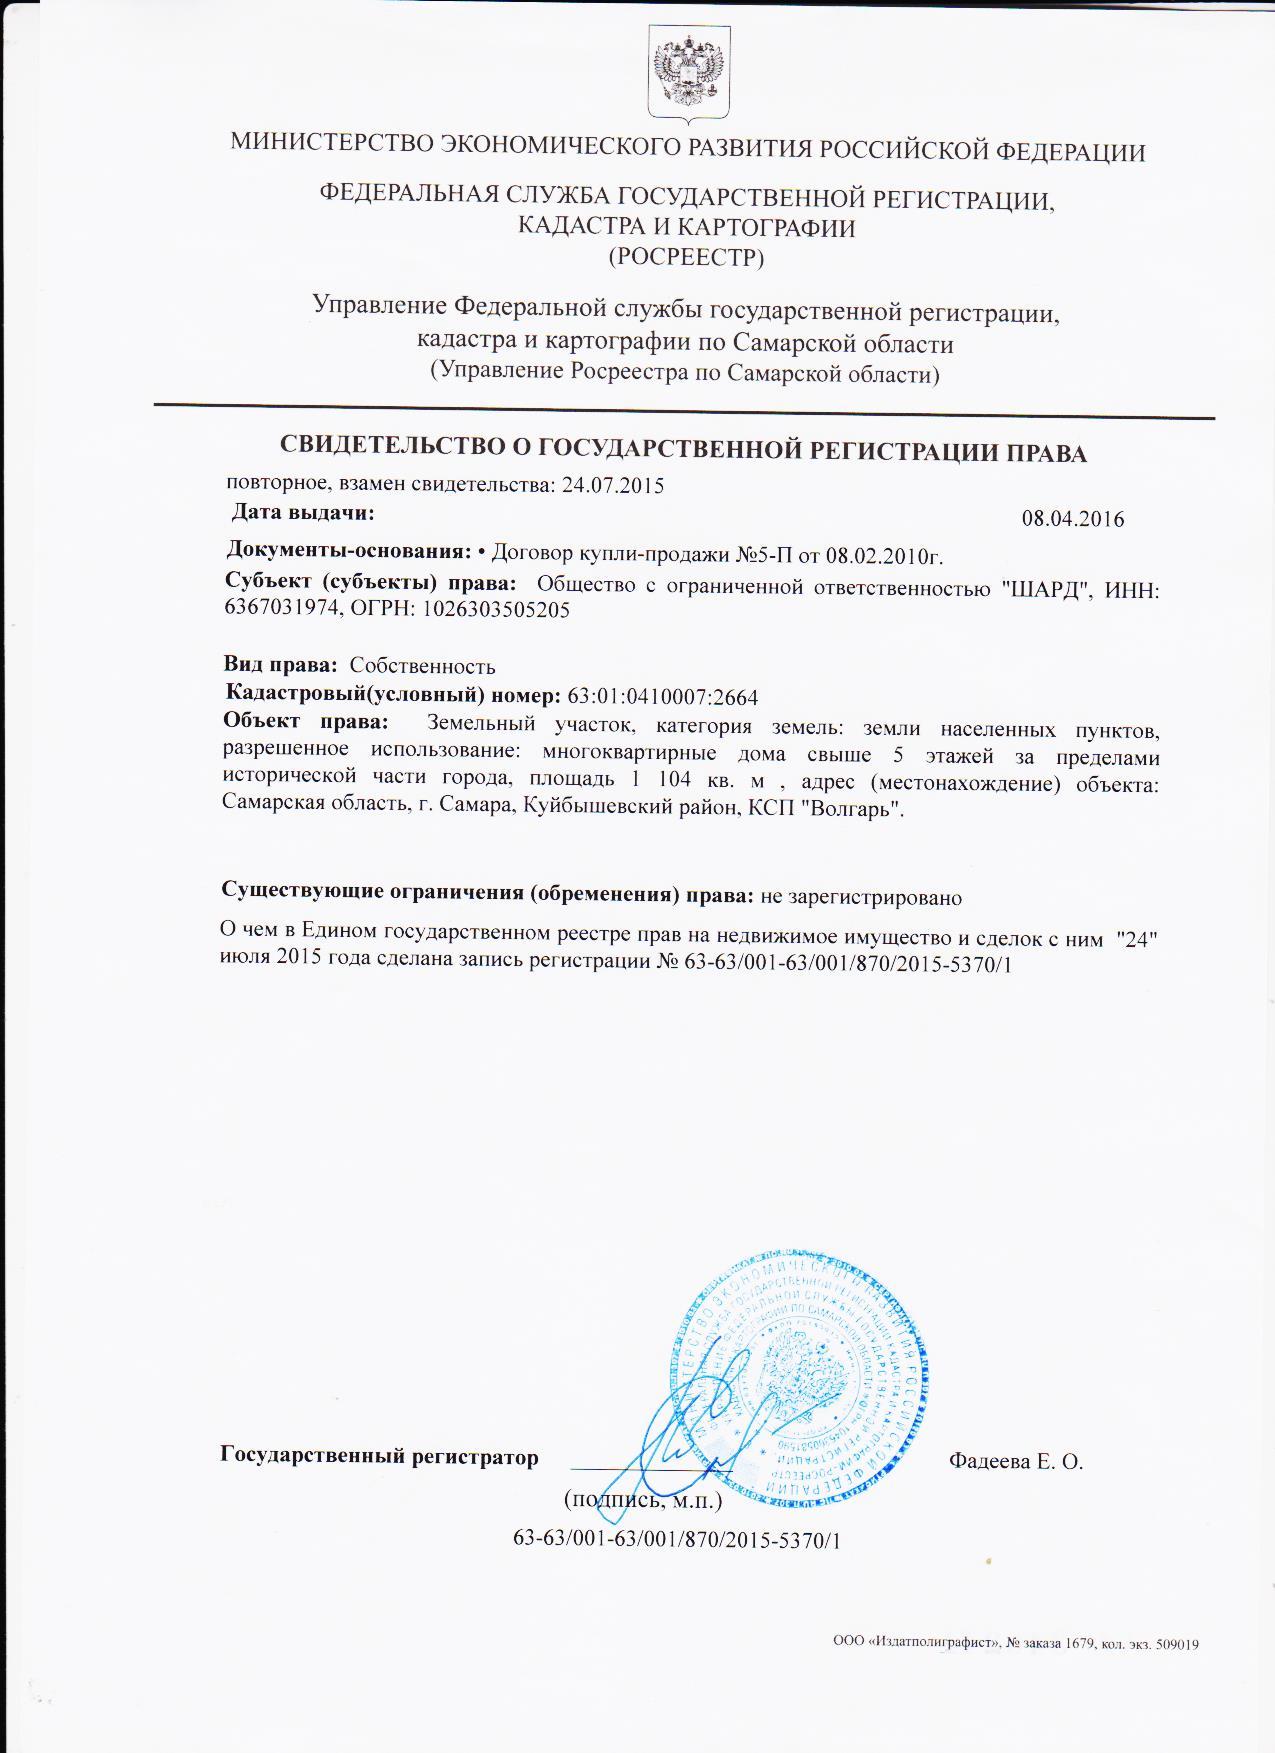 Договор возмездного оказания услуг - скачать образец 2016 года